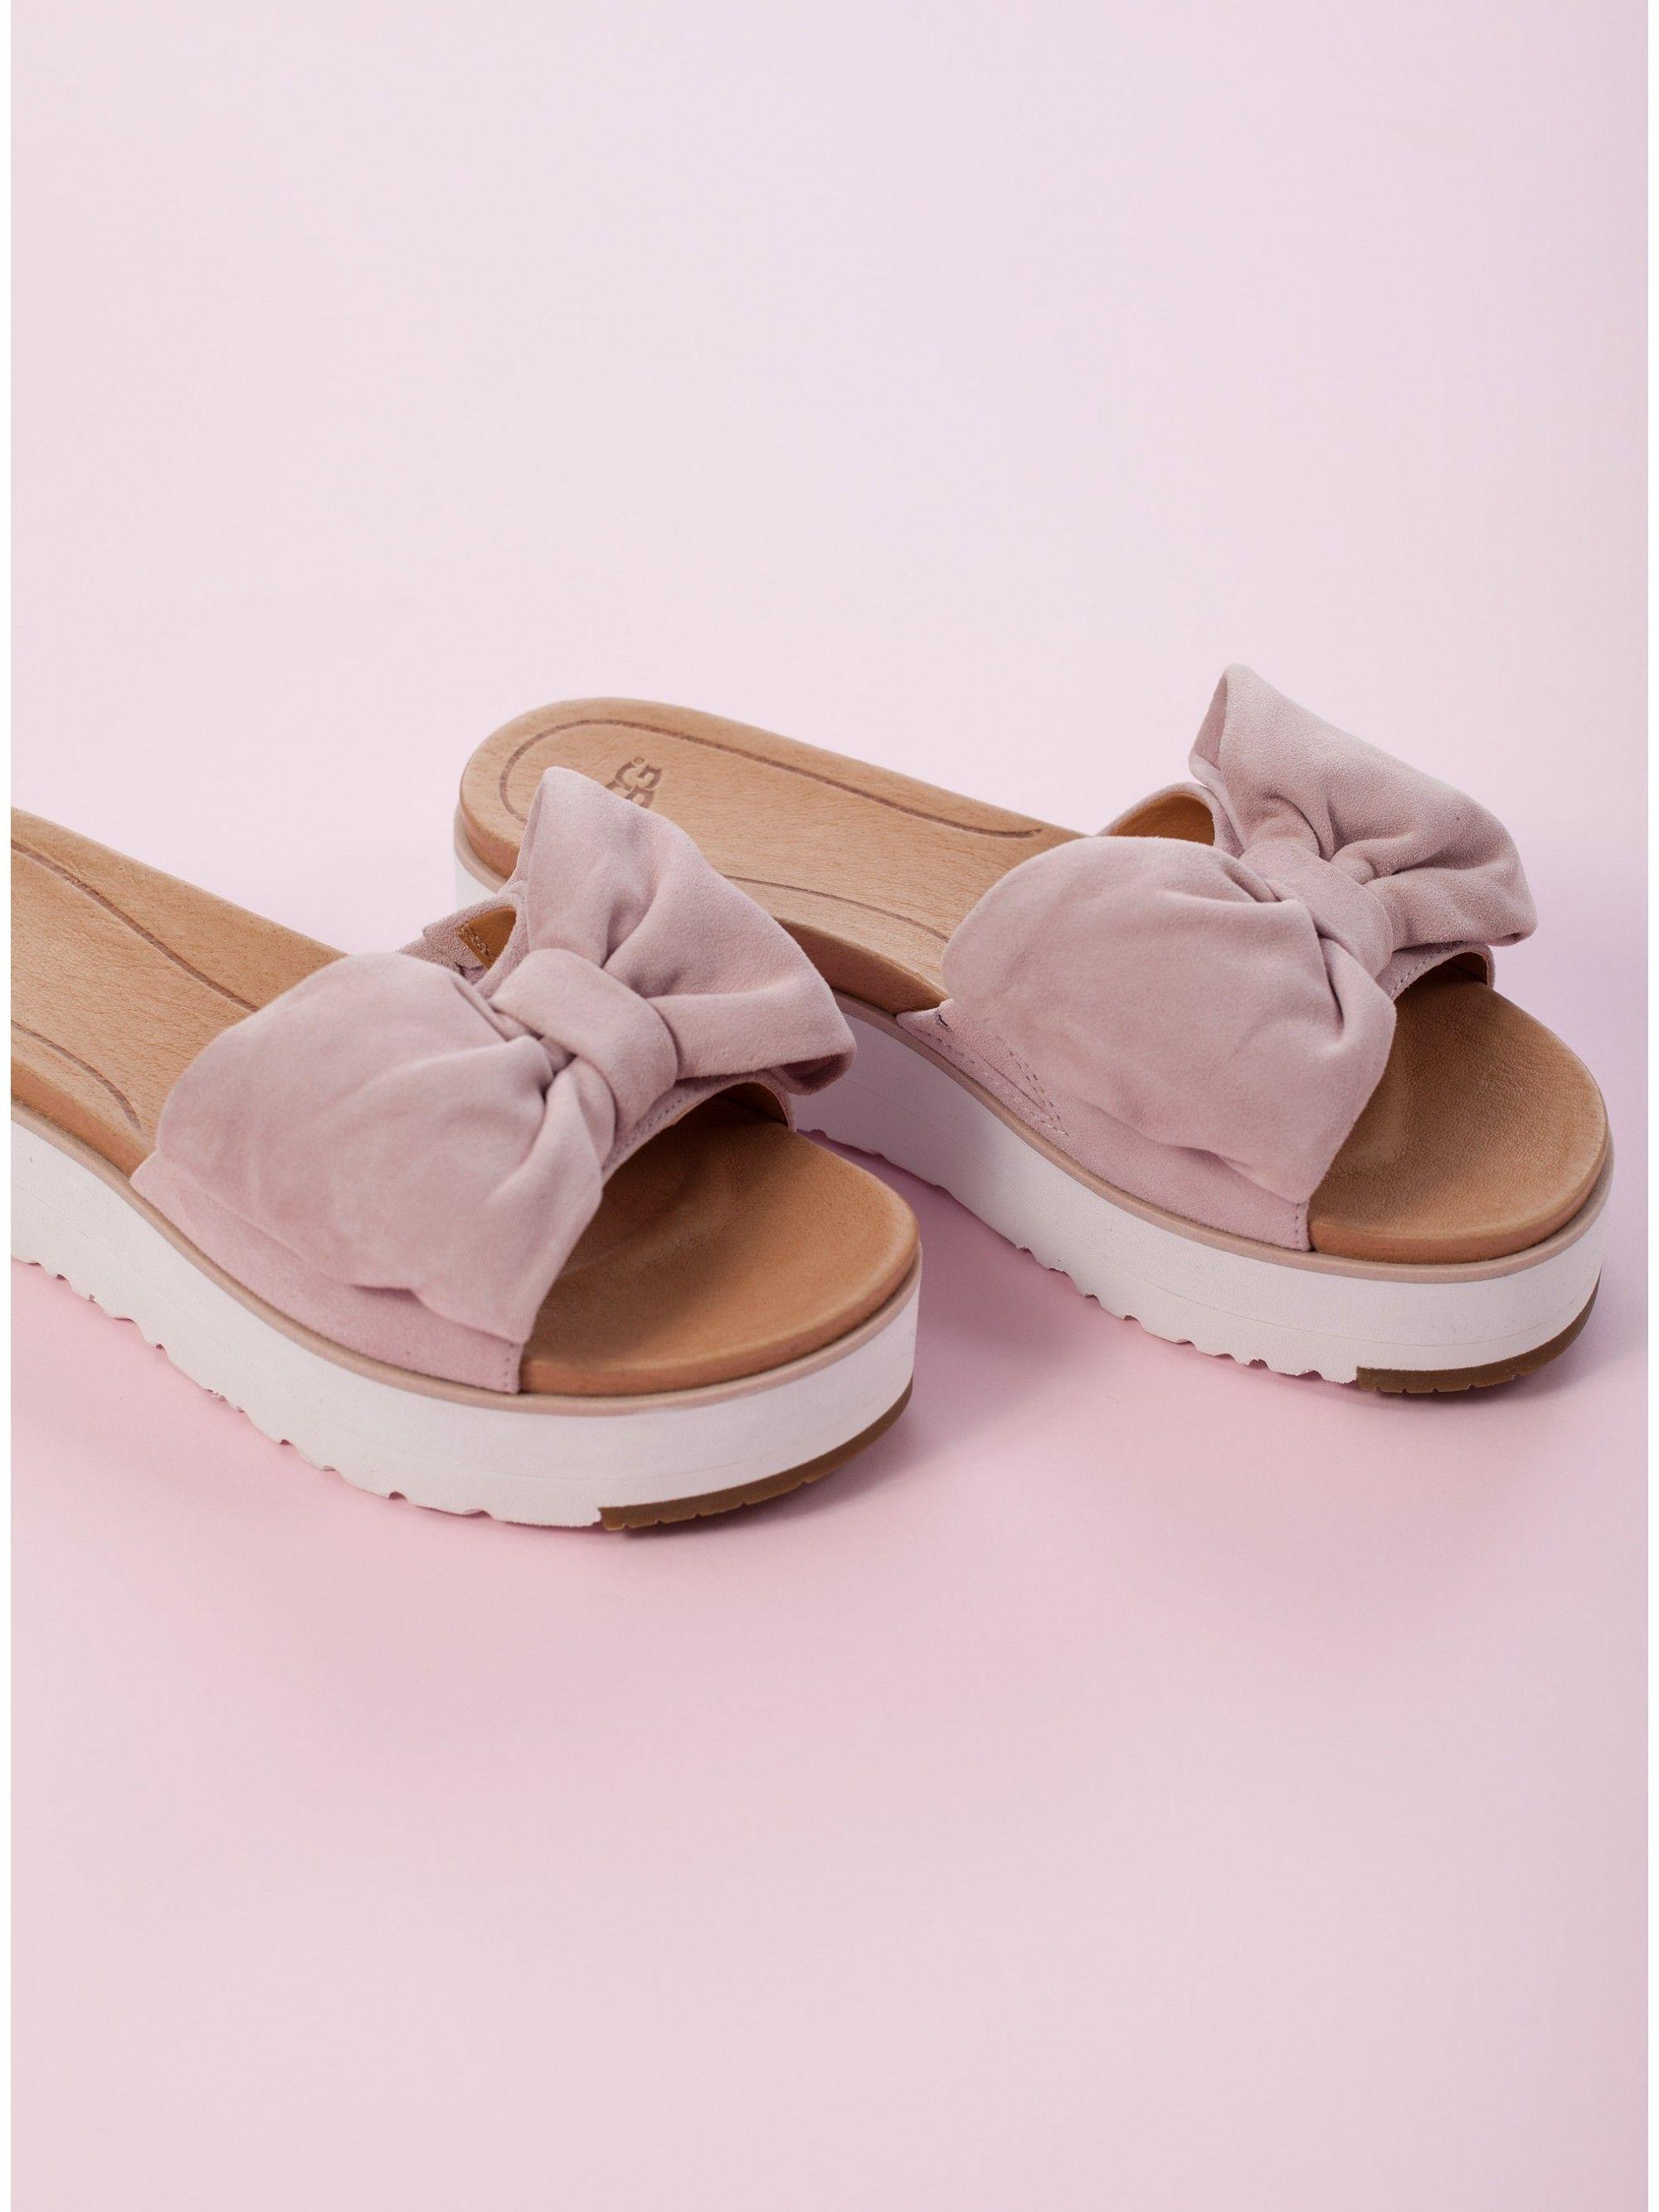 2374e822fbe Ugg Australia Sandals Joan-Pink - Footwear - Women in 2019